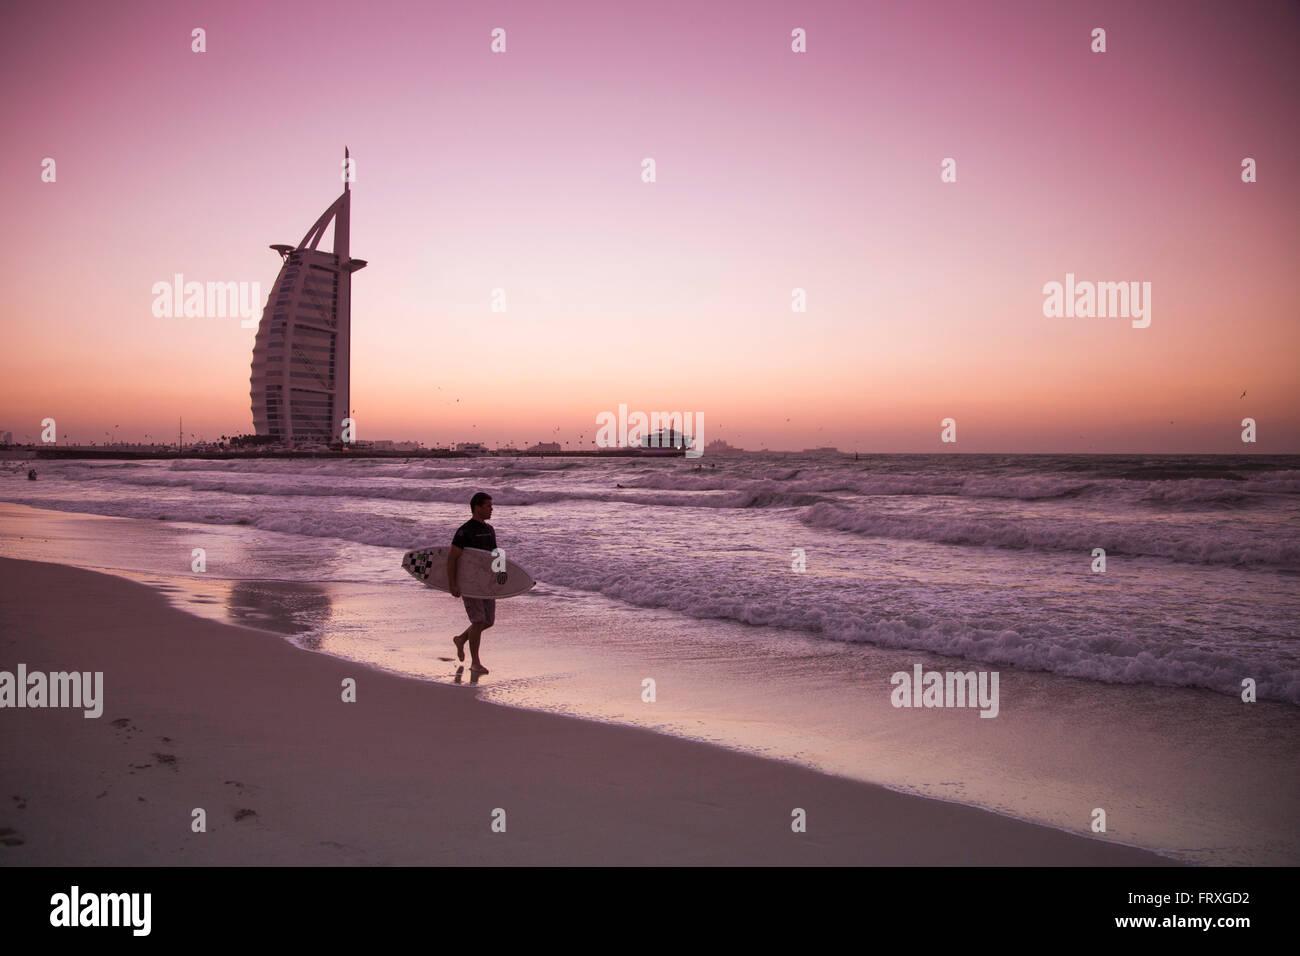 Surfer camminando lungo la spiaggia vicino a Burj al Arab hotel al tramonto, Dubai, Emirati Arabi Uniti Immagini Stock